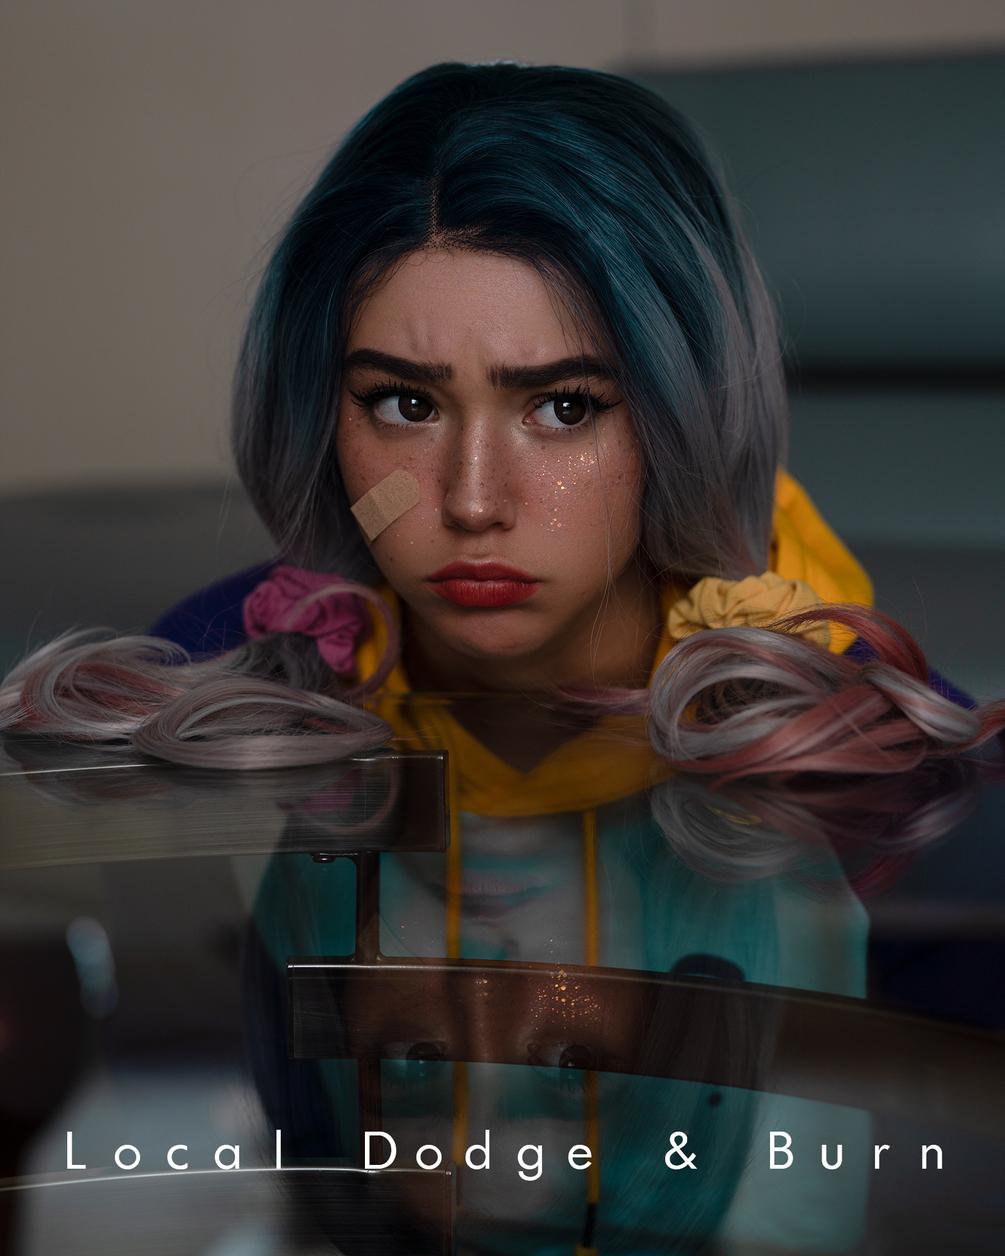 Khóa Học Chỉnh Sửa Ảnh Dành Cho Photoshop Trị Giá $120 - Geo's Retouching Tutorial + Color Action Pack Bundle with BONUS